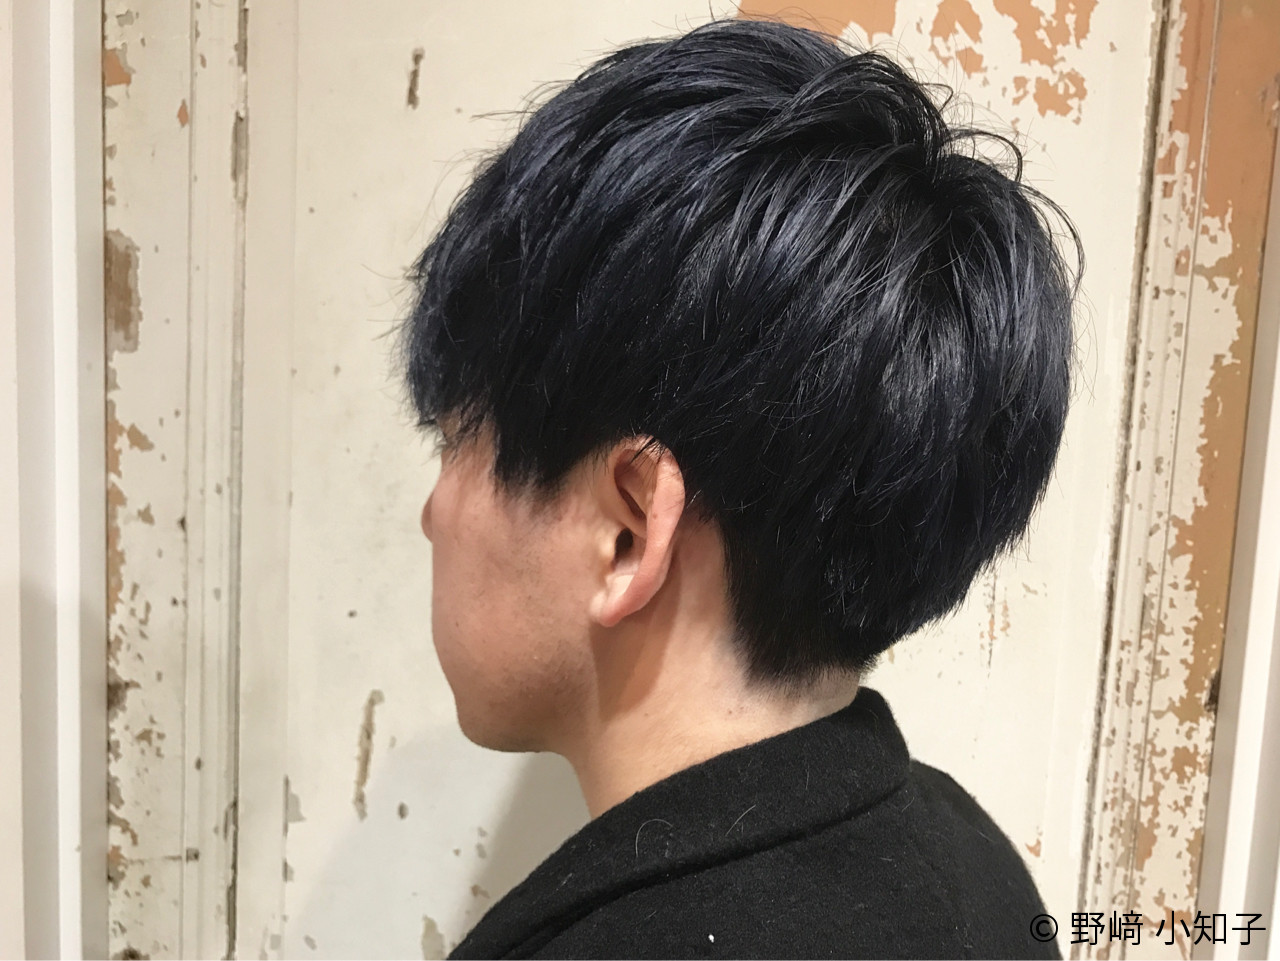 モード ブルージュ メンズ ショート ヘアスタイルや髪型の写真・画像